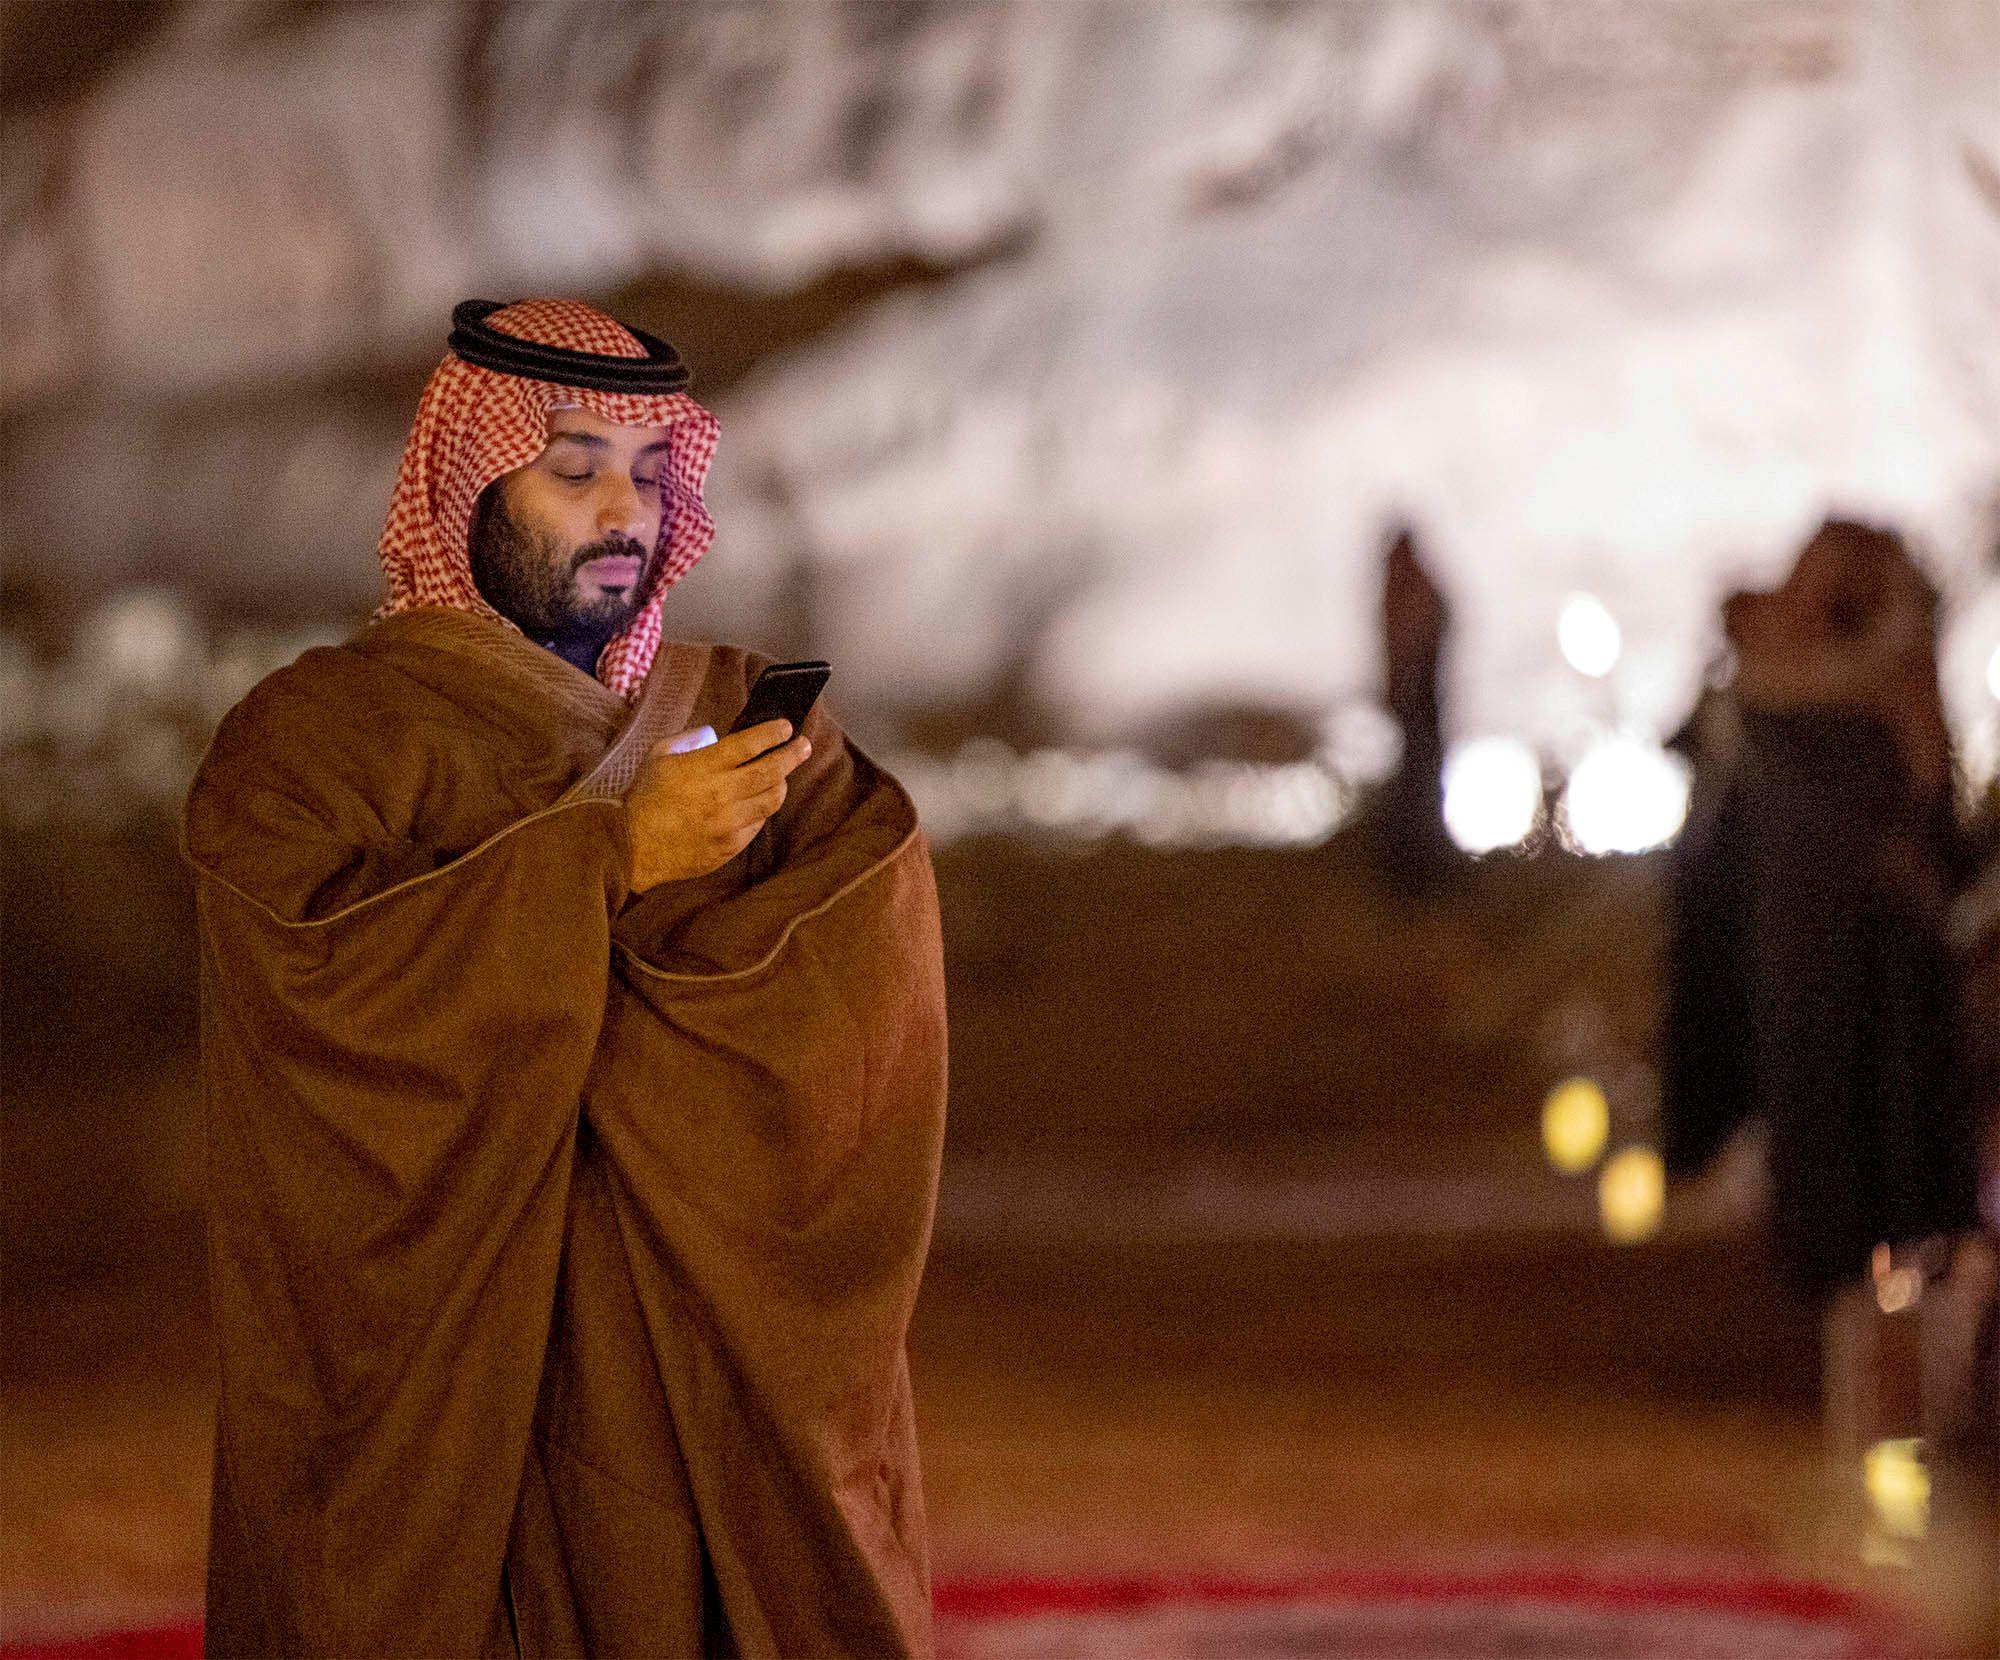 El príncipe heredero de Arabia Saudita, Mohammed Bin Salman, usa su teléfono durante una reunión con el primer ministro de Japón, Shinzo Abe, en Riad (Reuters)